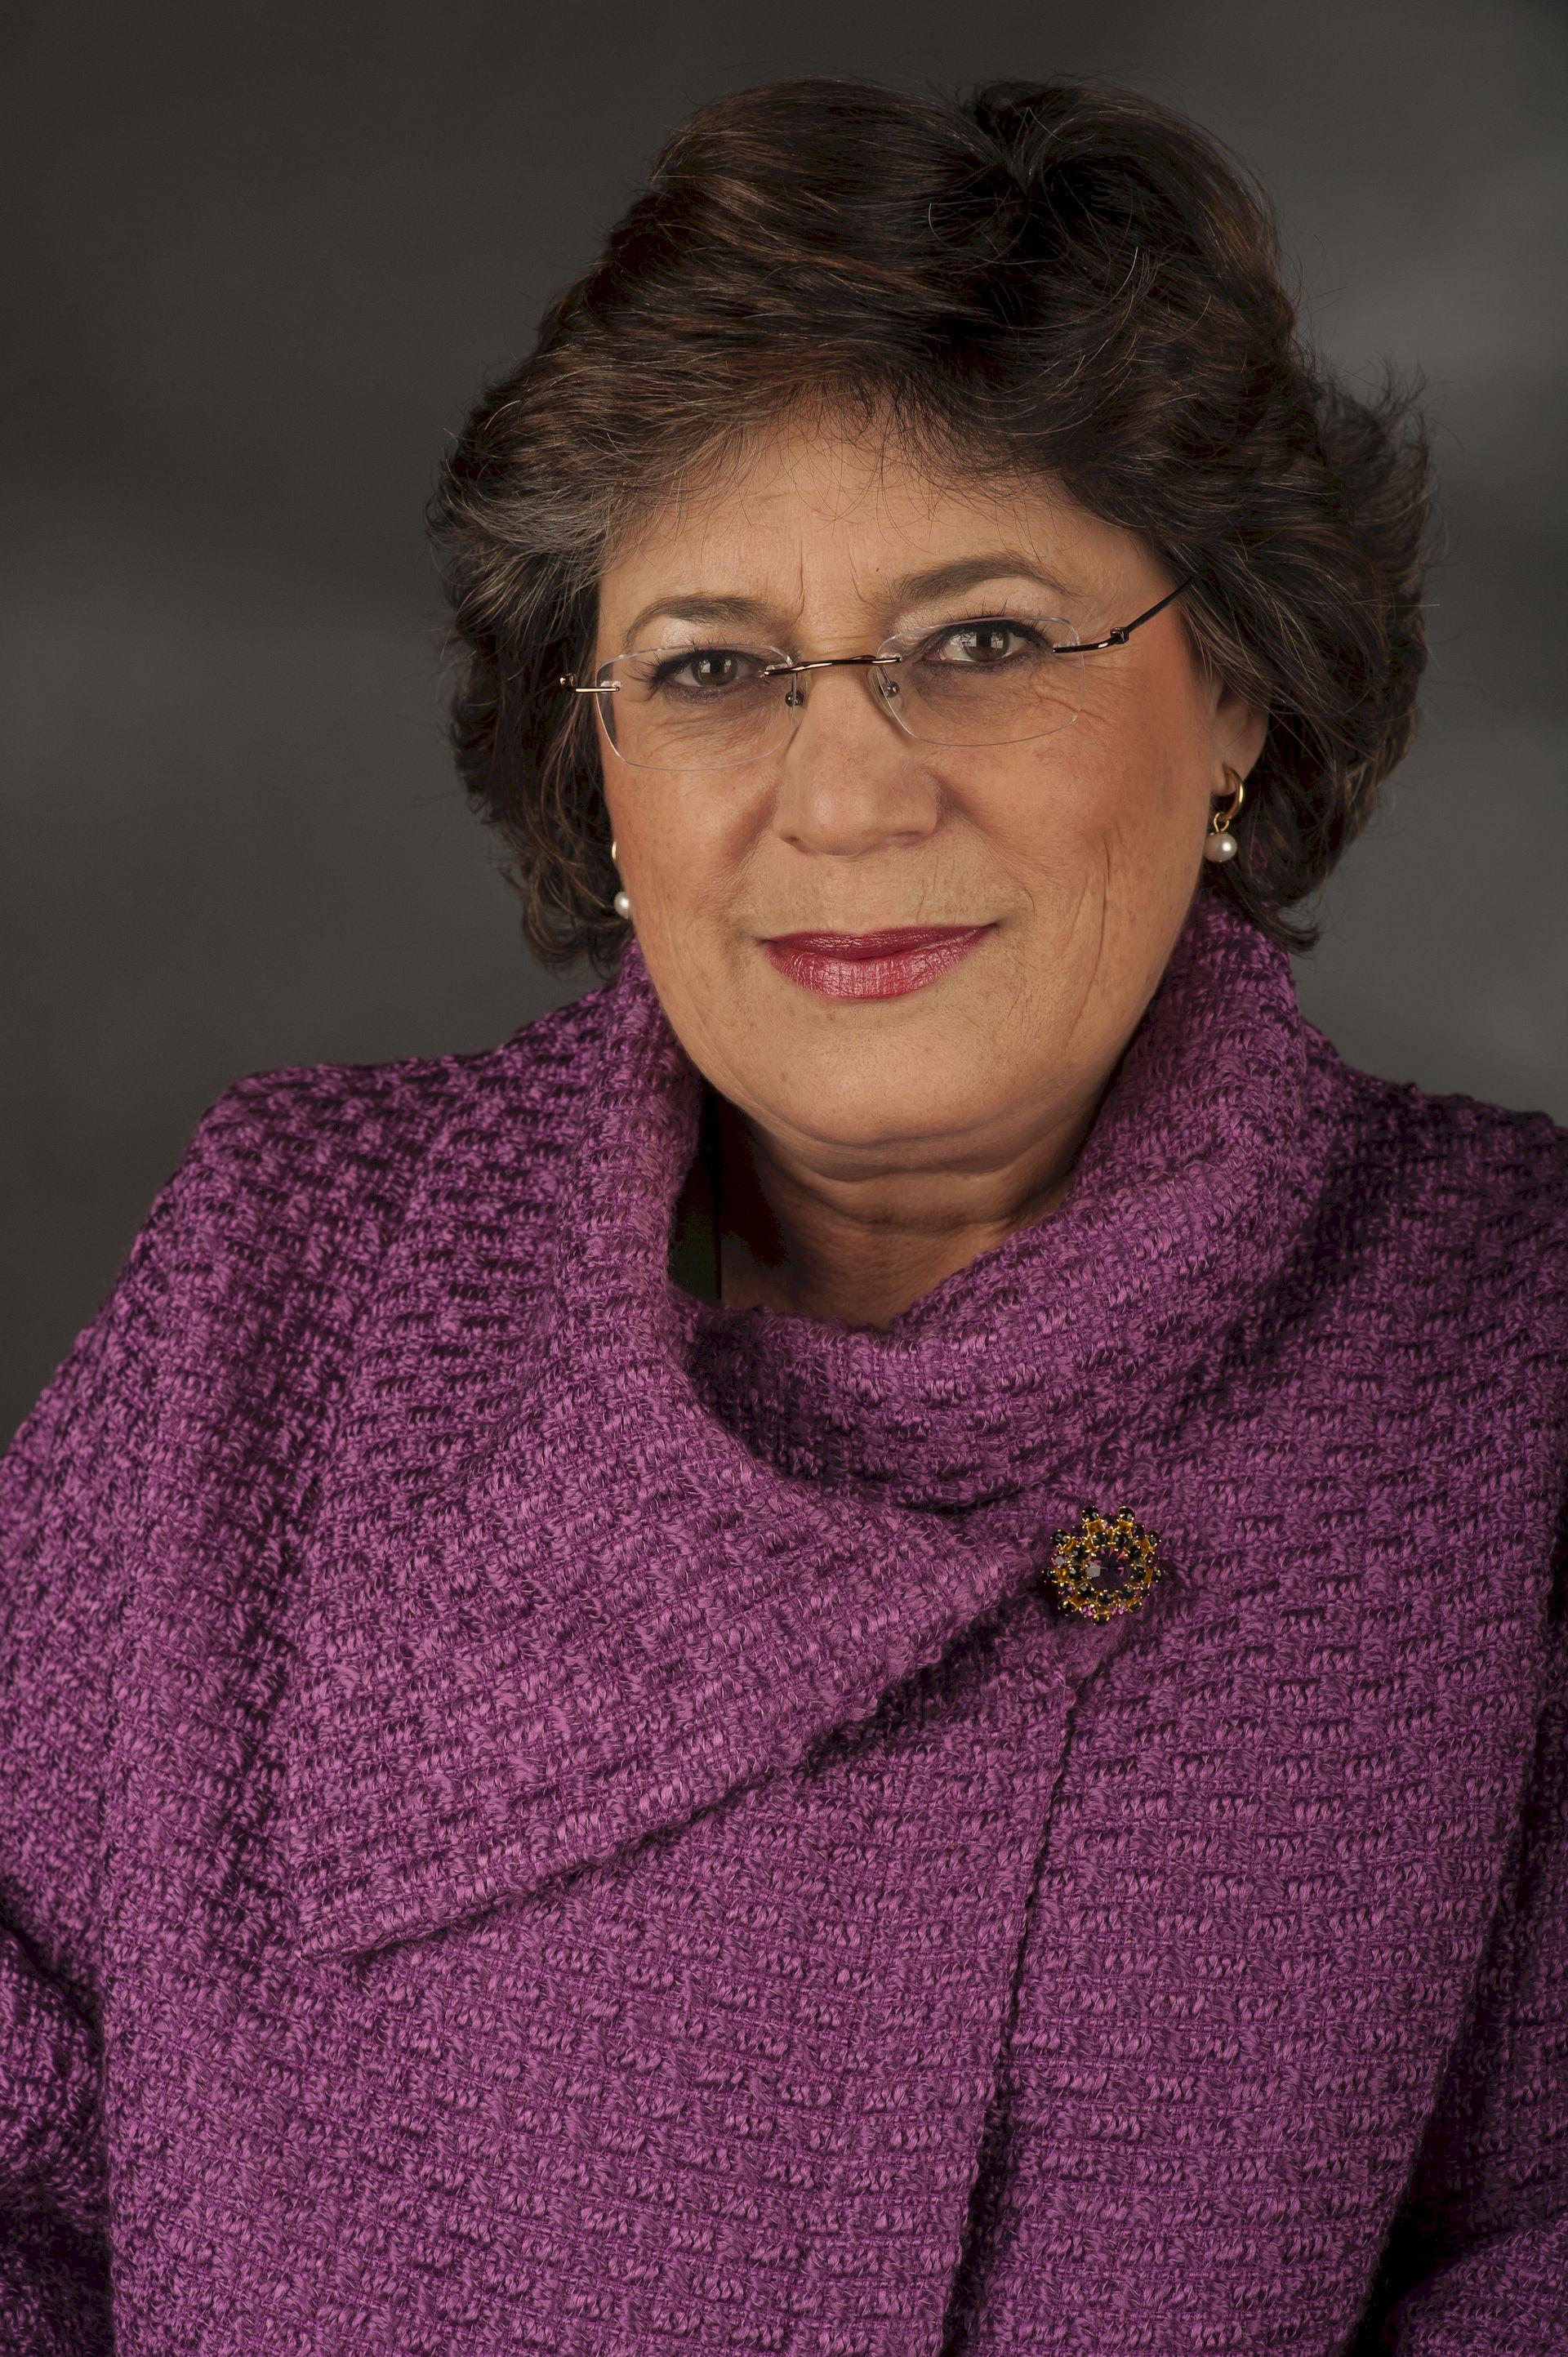 Photo of Ana Maria Gomes: Portuguese politician